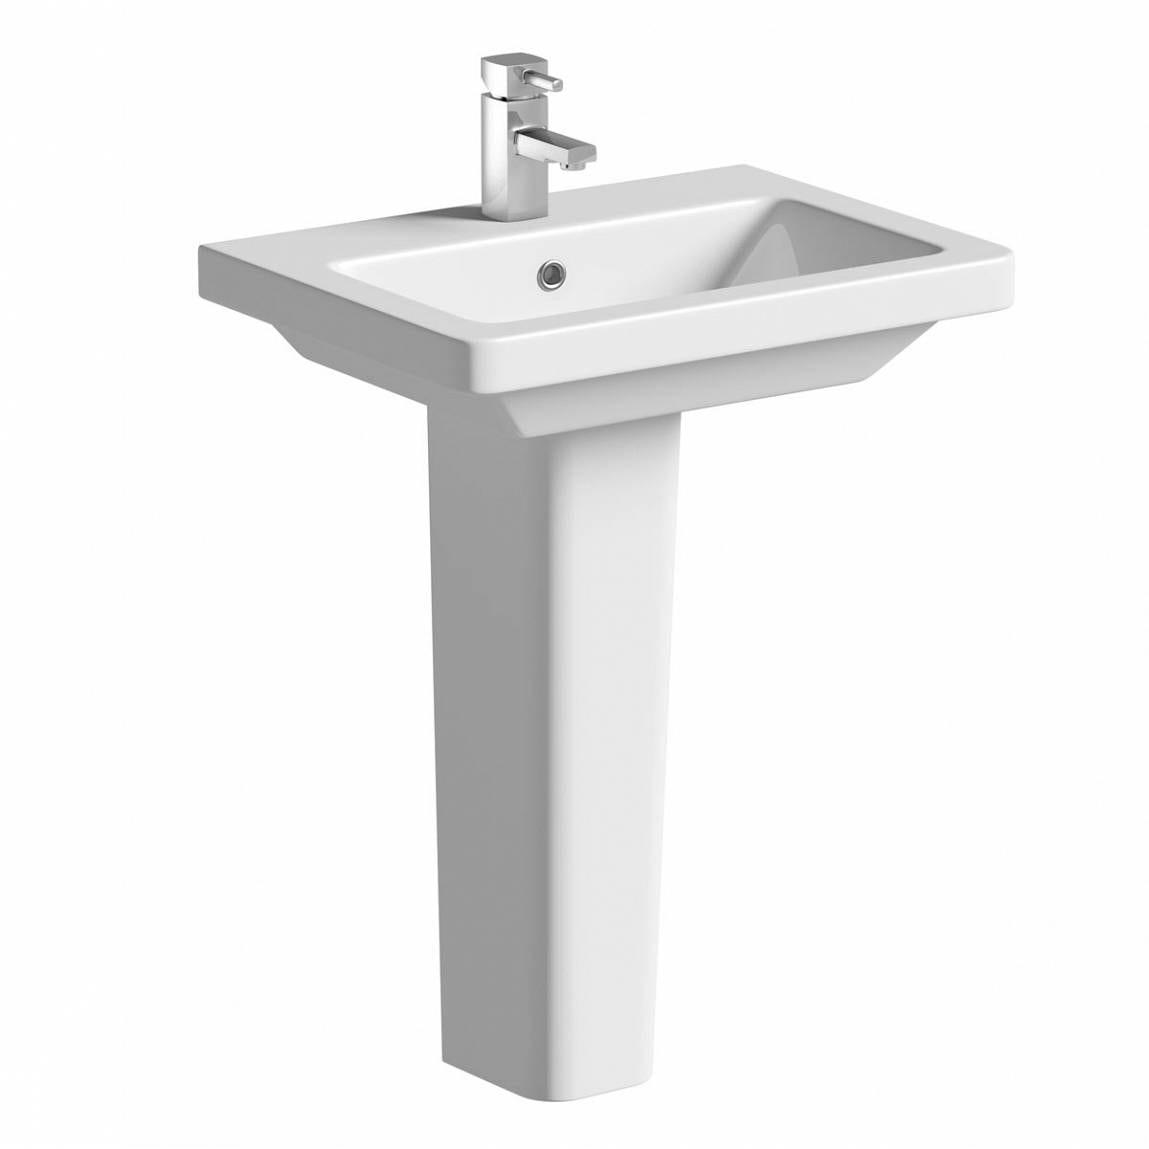 Mode Cooper 1 full pedestal full pedestal basin 600mm